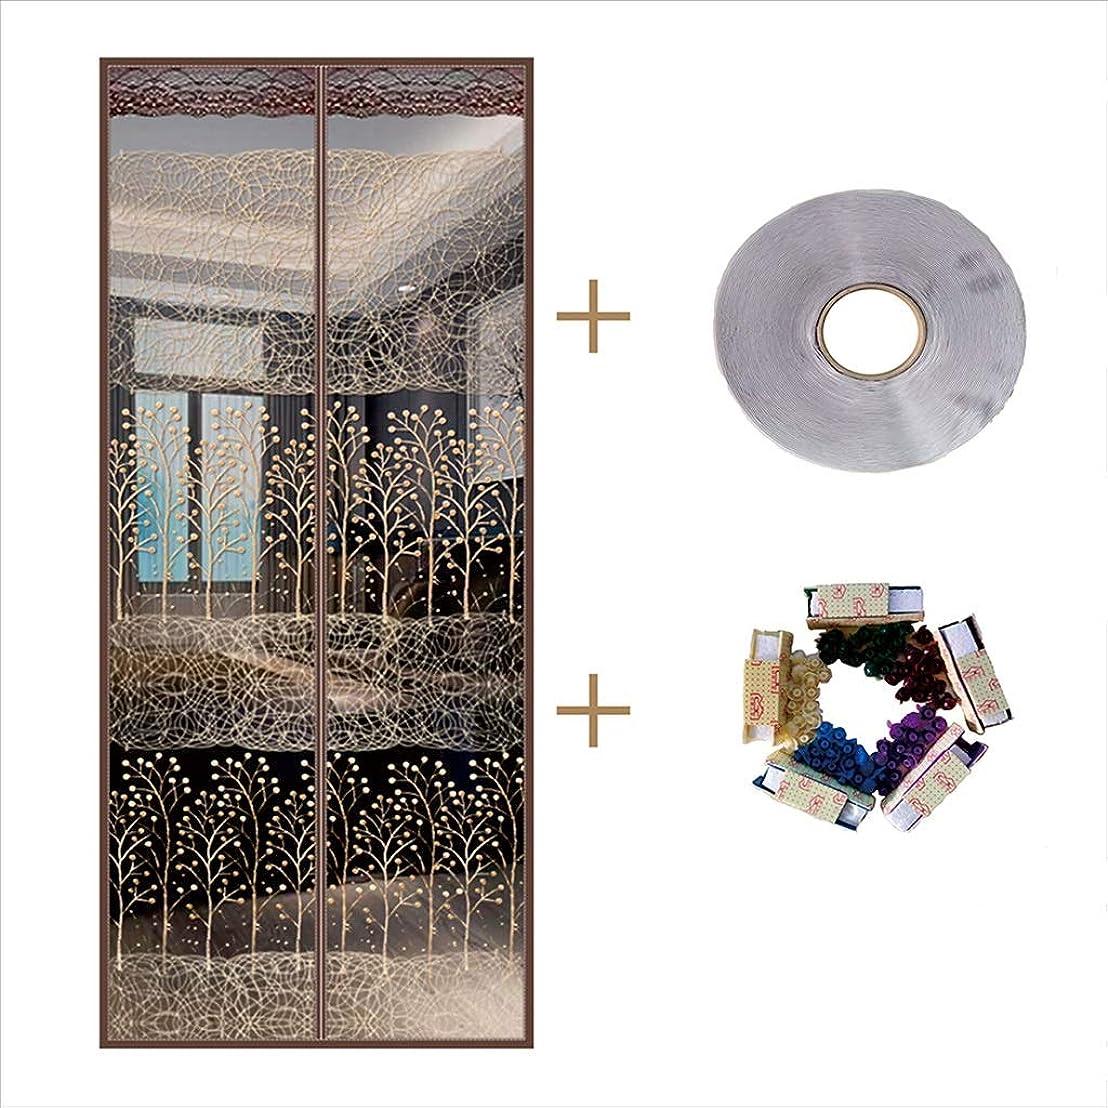 ホールパトロール脇に磁気はえスクリーンドア、マジックテープのカーテン、隙間のない防虫カーテン自己接着性通気性メッシュ90X210CM (Size : W90 X H200CM)